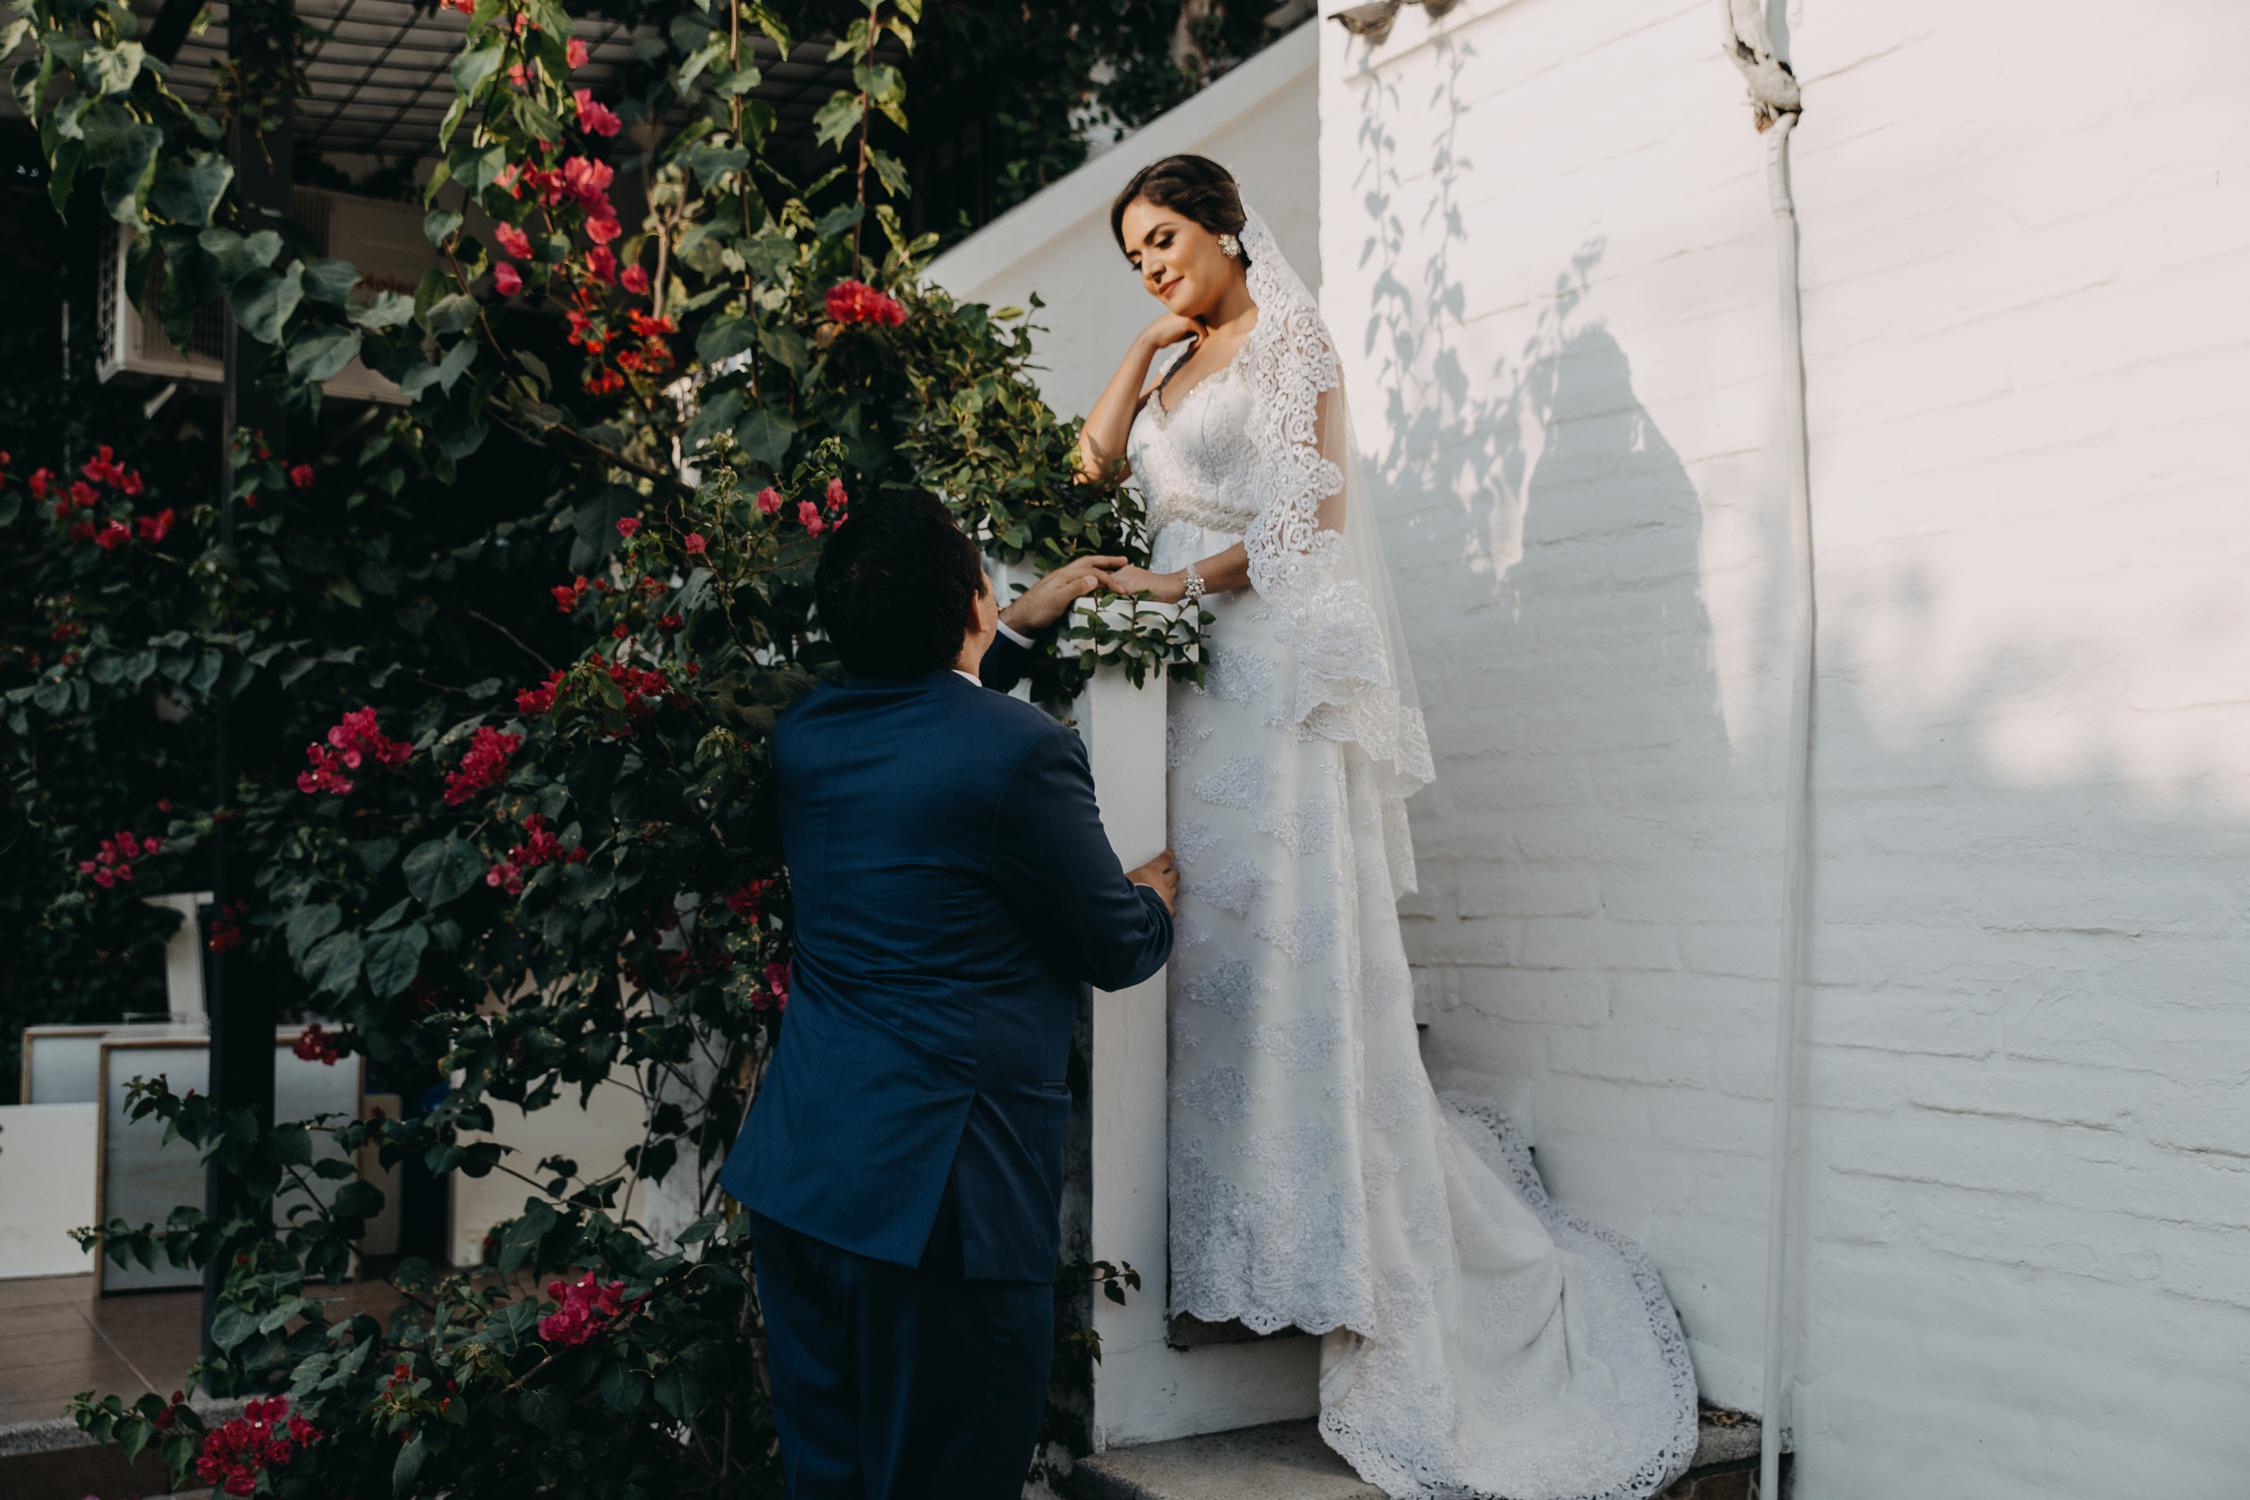 Michelle-Agurto-Fotografia-Bodas-Ecuador-Destination-Wedding-Photographer-Cristi-Luis-78.JPG